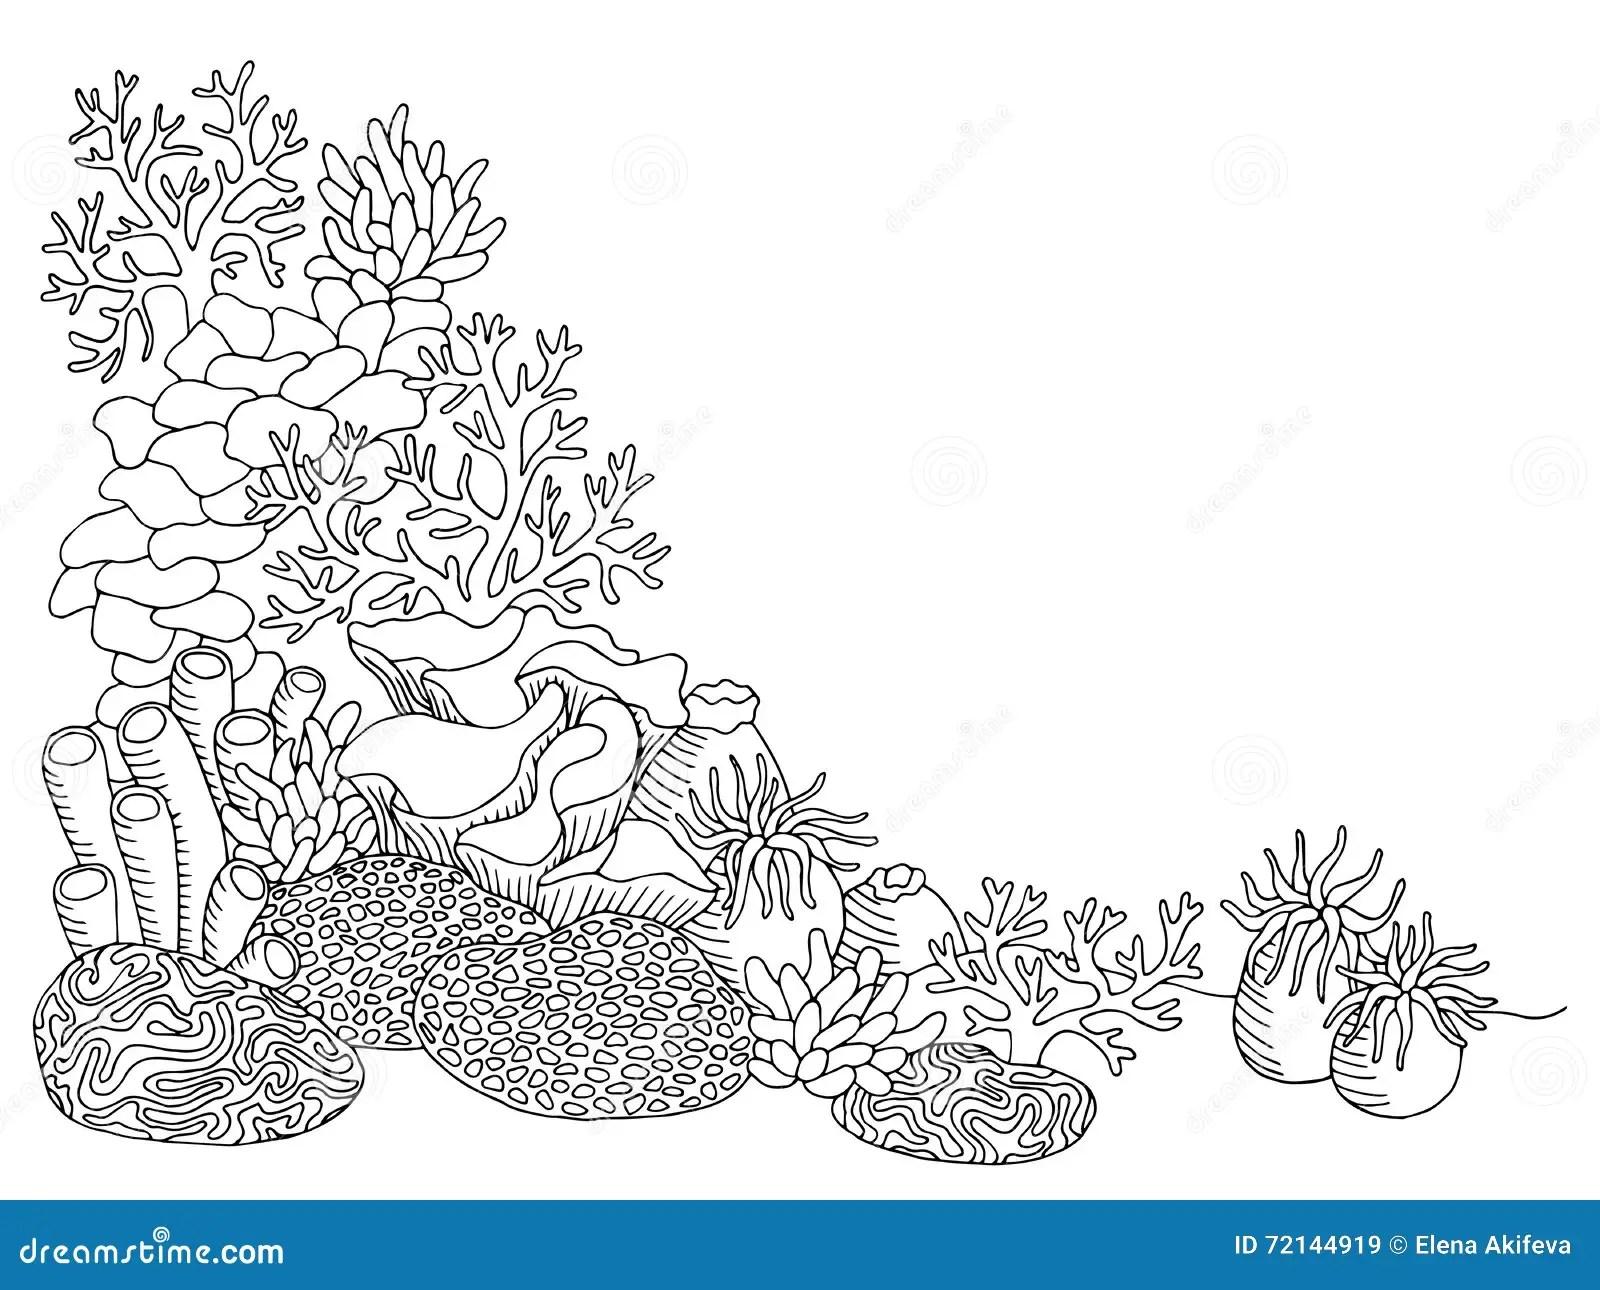 Coral Sea Graphic Art Black White Underwater Landscape